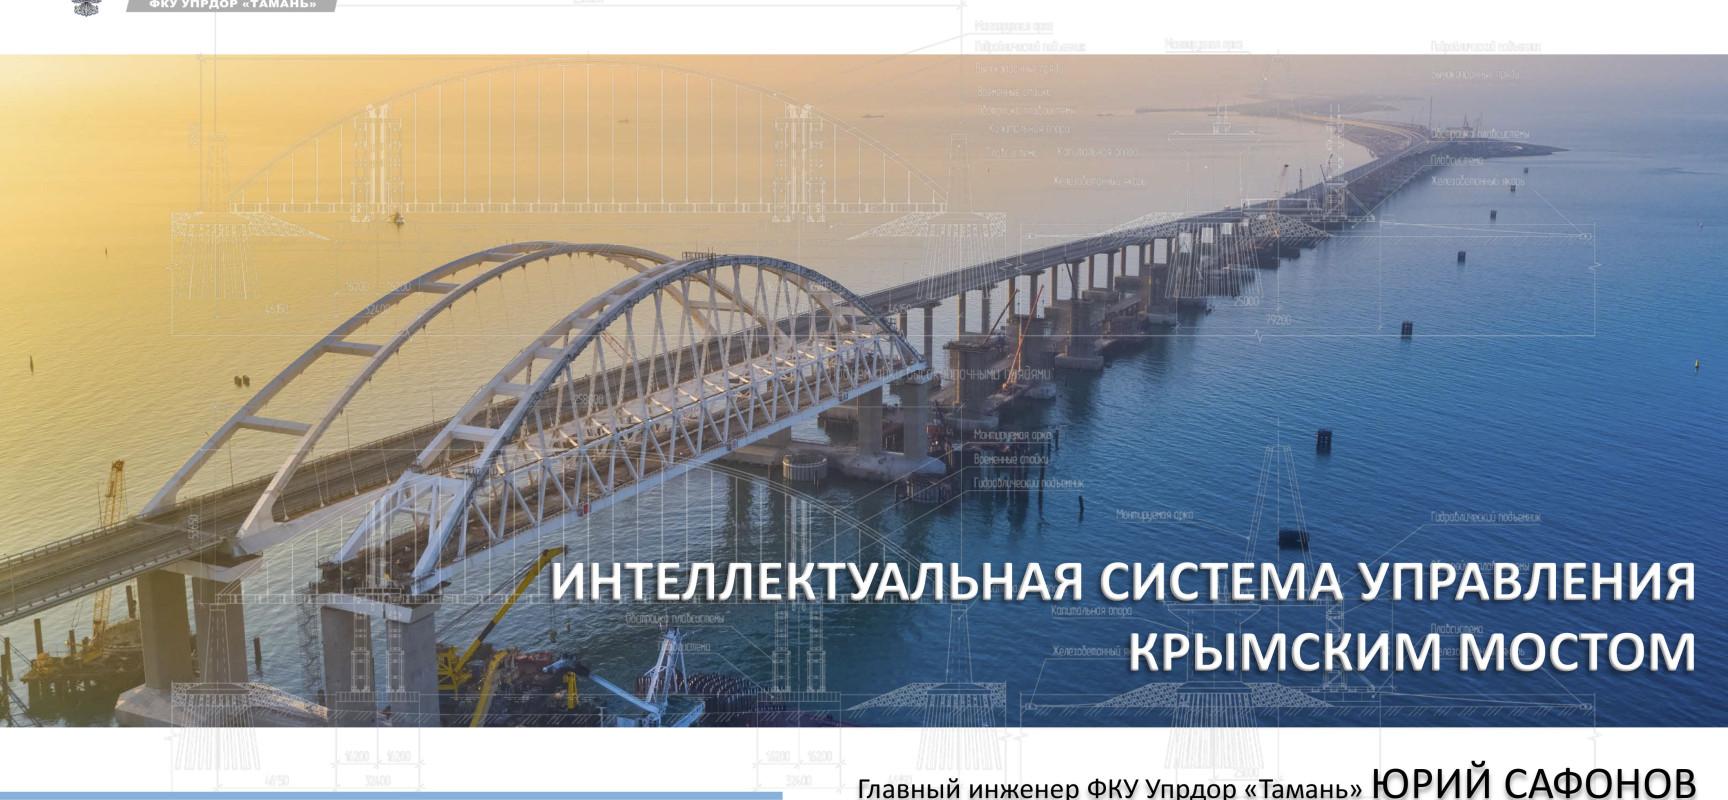 Интеллектуальная система управления Крымским мостом представлена на международном форуме в Москве